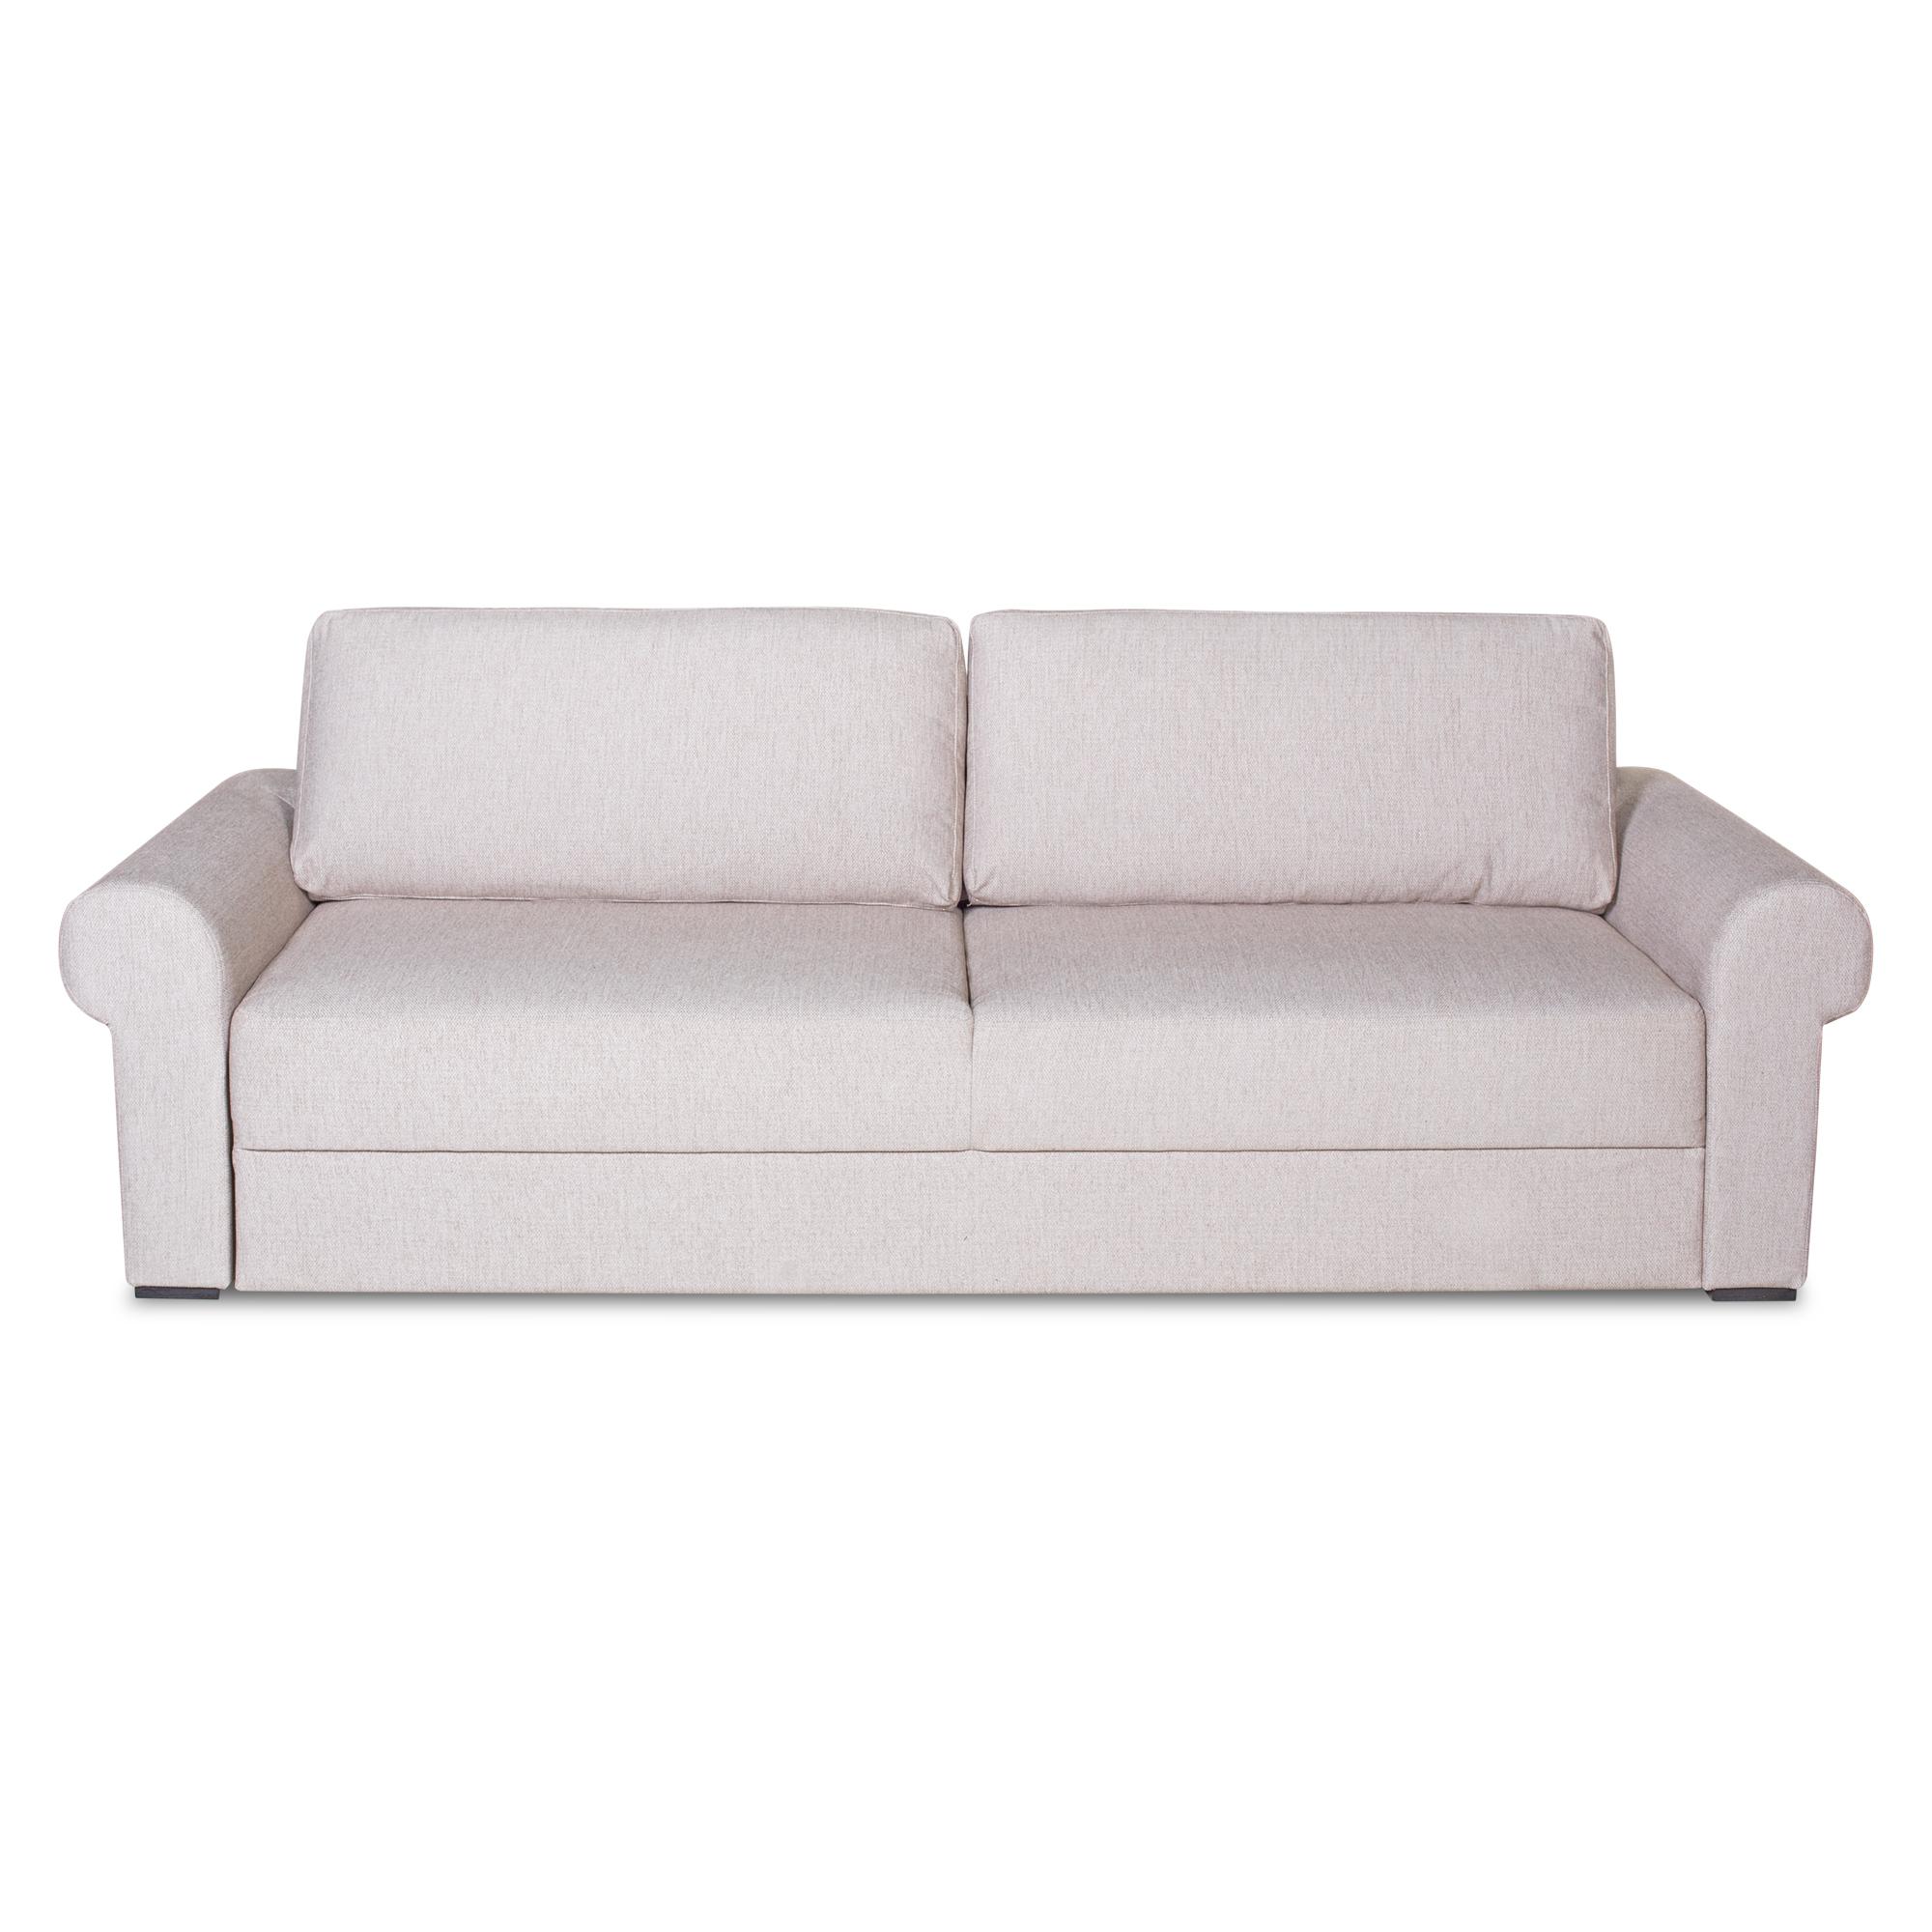 Диван-кровать ЭльдПрямые раскладные диваны<br>Лидер симпатий – это диван Эльд.  Диван с хорошей глубокой посадкой, мягкими подушками спинки и более упругим сидением. Благодаря качественному полиуретановому наполнителю диван Эльд будет дарить здоровый сон и хороший отдых долгие годы. Спальное место получается ровное и широкое. В диванах предусмотрены большие бельевые ящики для хранения, что очень функционально.&amp;amp;nbsp;&amp;lt;div&amp;gt;&amp;lt;br&amp;gt;&amp;lt;/div&amp;gt;&amp;lt;div&amp;gt;Каркас (комбинации дерева, фанеры и ЛДСП).&amp;amp;nbsp;&amp;lt;/div&amp;gt;&amp;lt;div&amp;gt;Для сидячих подушек используют пену различной плотности, а также перо и силиконовое волокно. Для задних подушек есть пять видов наполнения: пена, измельченая пена, пена высокой эластичности, силиконовые волокно.&amp;amp;nbsp;&amp;lt;/div&amp;gt;&amp;lt;div&amp;gt;Материал обивки:  Enzo (Полиэстер (полиэфир) - 100%).&amp;amp;nbsp;&amp;lt;/div&amp;gt;&amp;lt;div&amp;gt;Механизм трансформации - тик-так.&amp;amp;nbsp;&amp;lt;/div&amp;gt;&amp;lt;div&amp;gt;Спальное место -  190*200.&amp;lt;/div&amp;gt;<br><br>Material: Текстиль<br>Width см: 246<br>Depth см: 95<br>Height см: 86